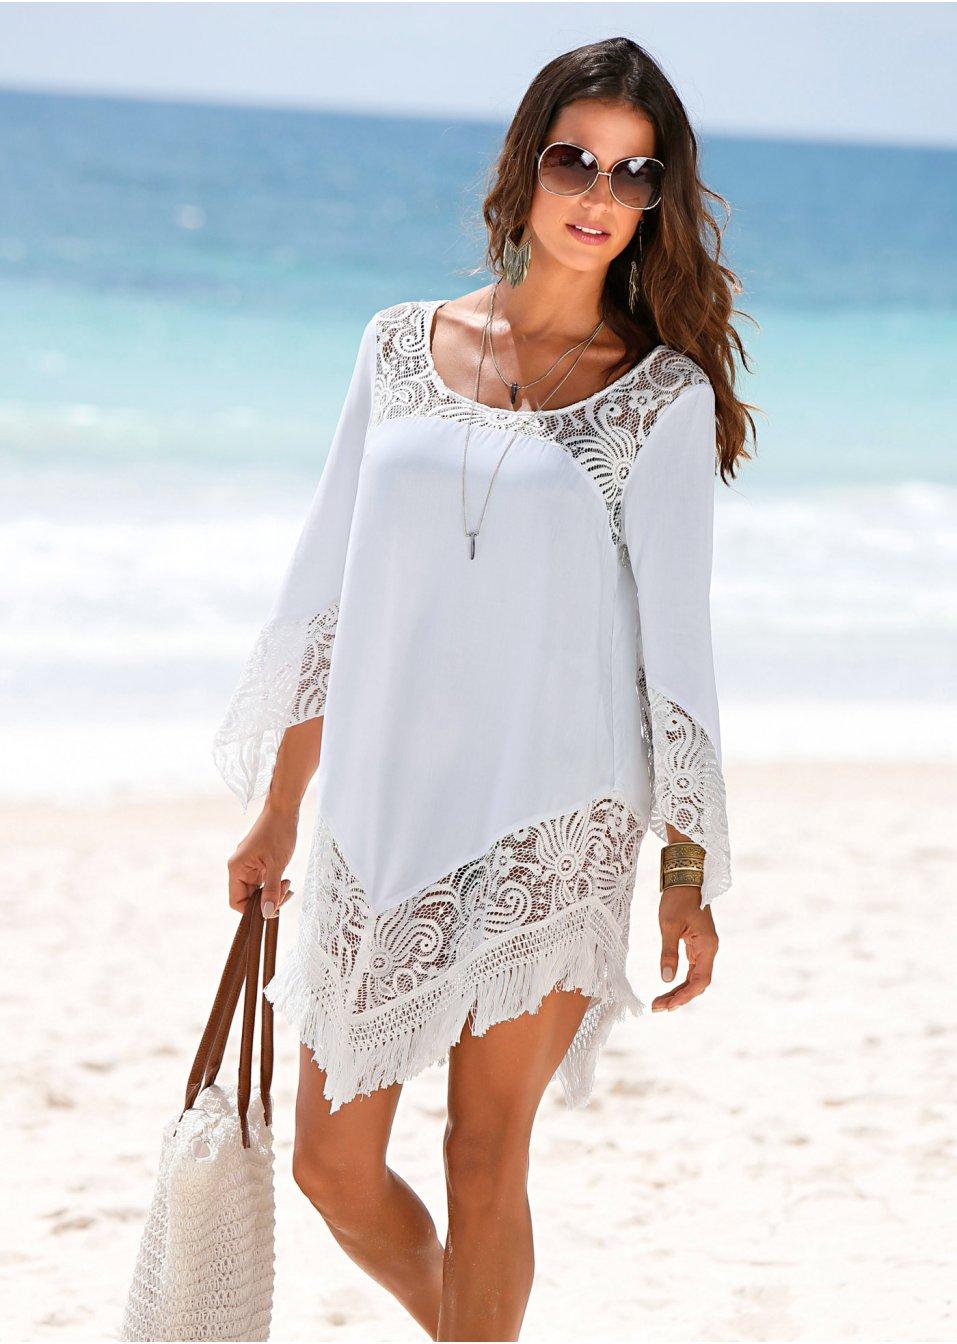 1cb4ee84707ee3 Strandkleding & strandtunieken online kopen   Bestel bij bonprix